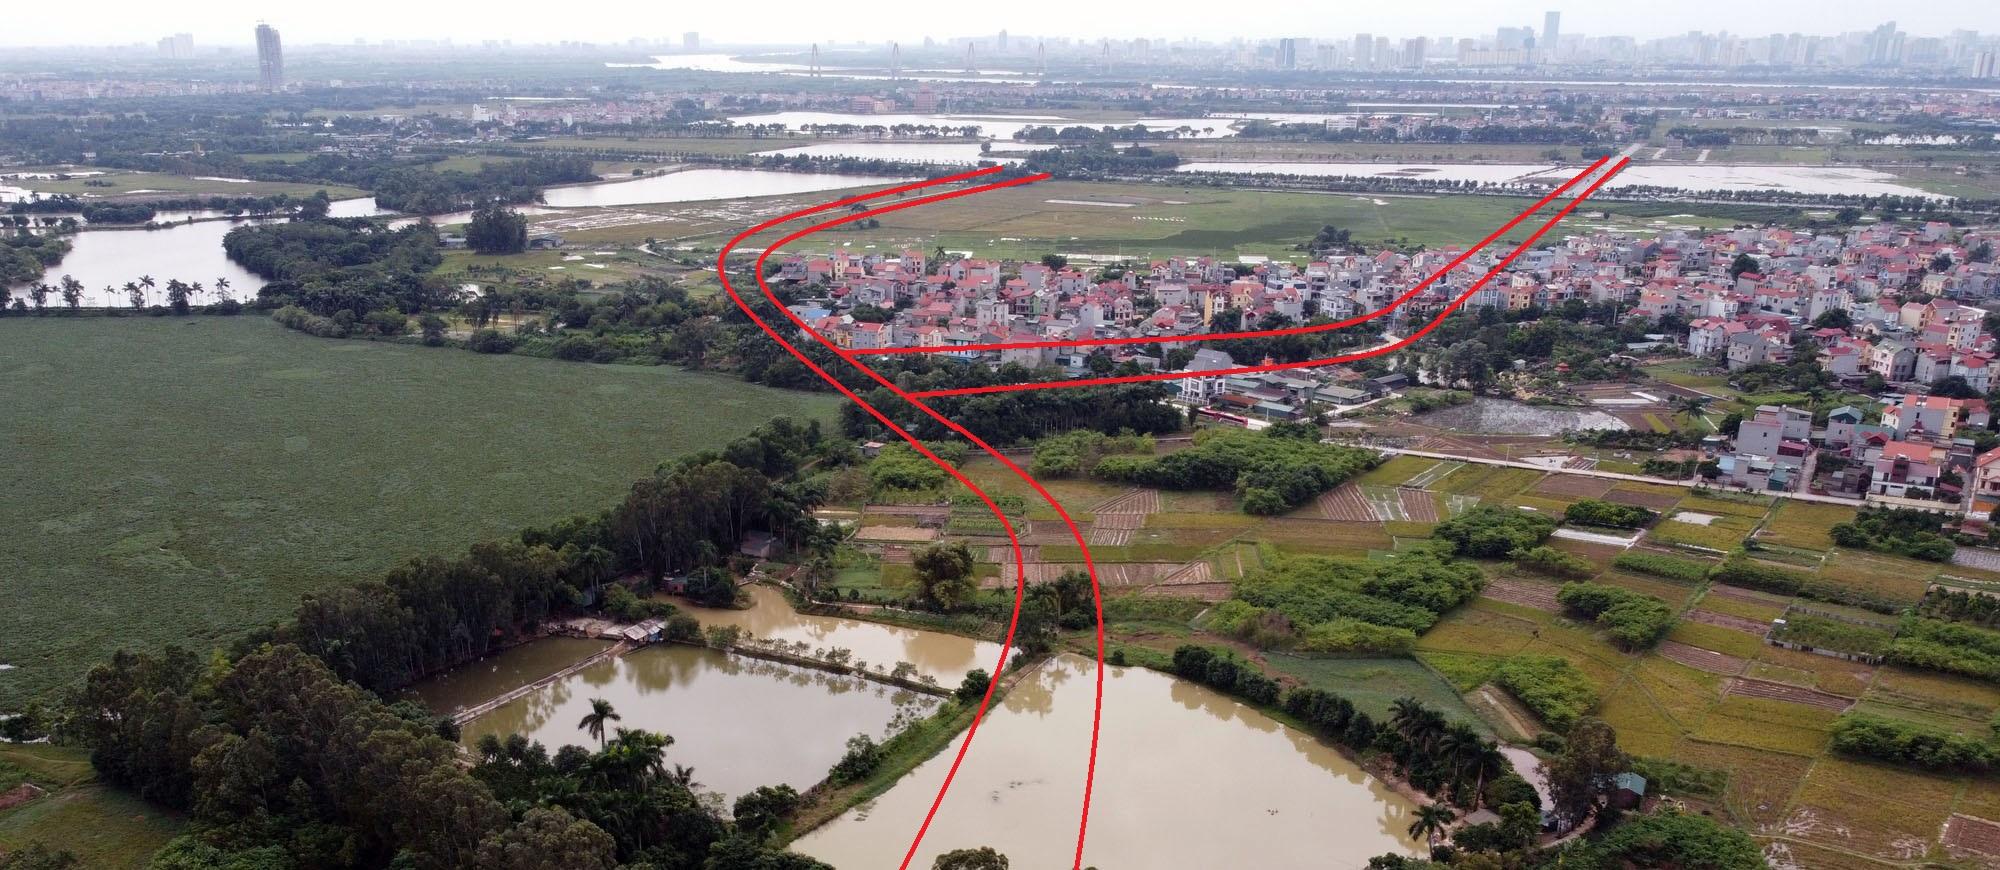 đường sẽ mở theo qui hoạch ở xã Kim Nỗ, Đông Anh, Hà Nội - Ảnh 14.